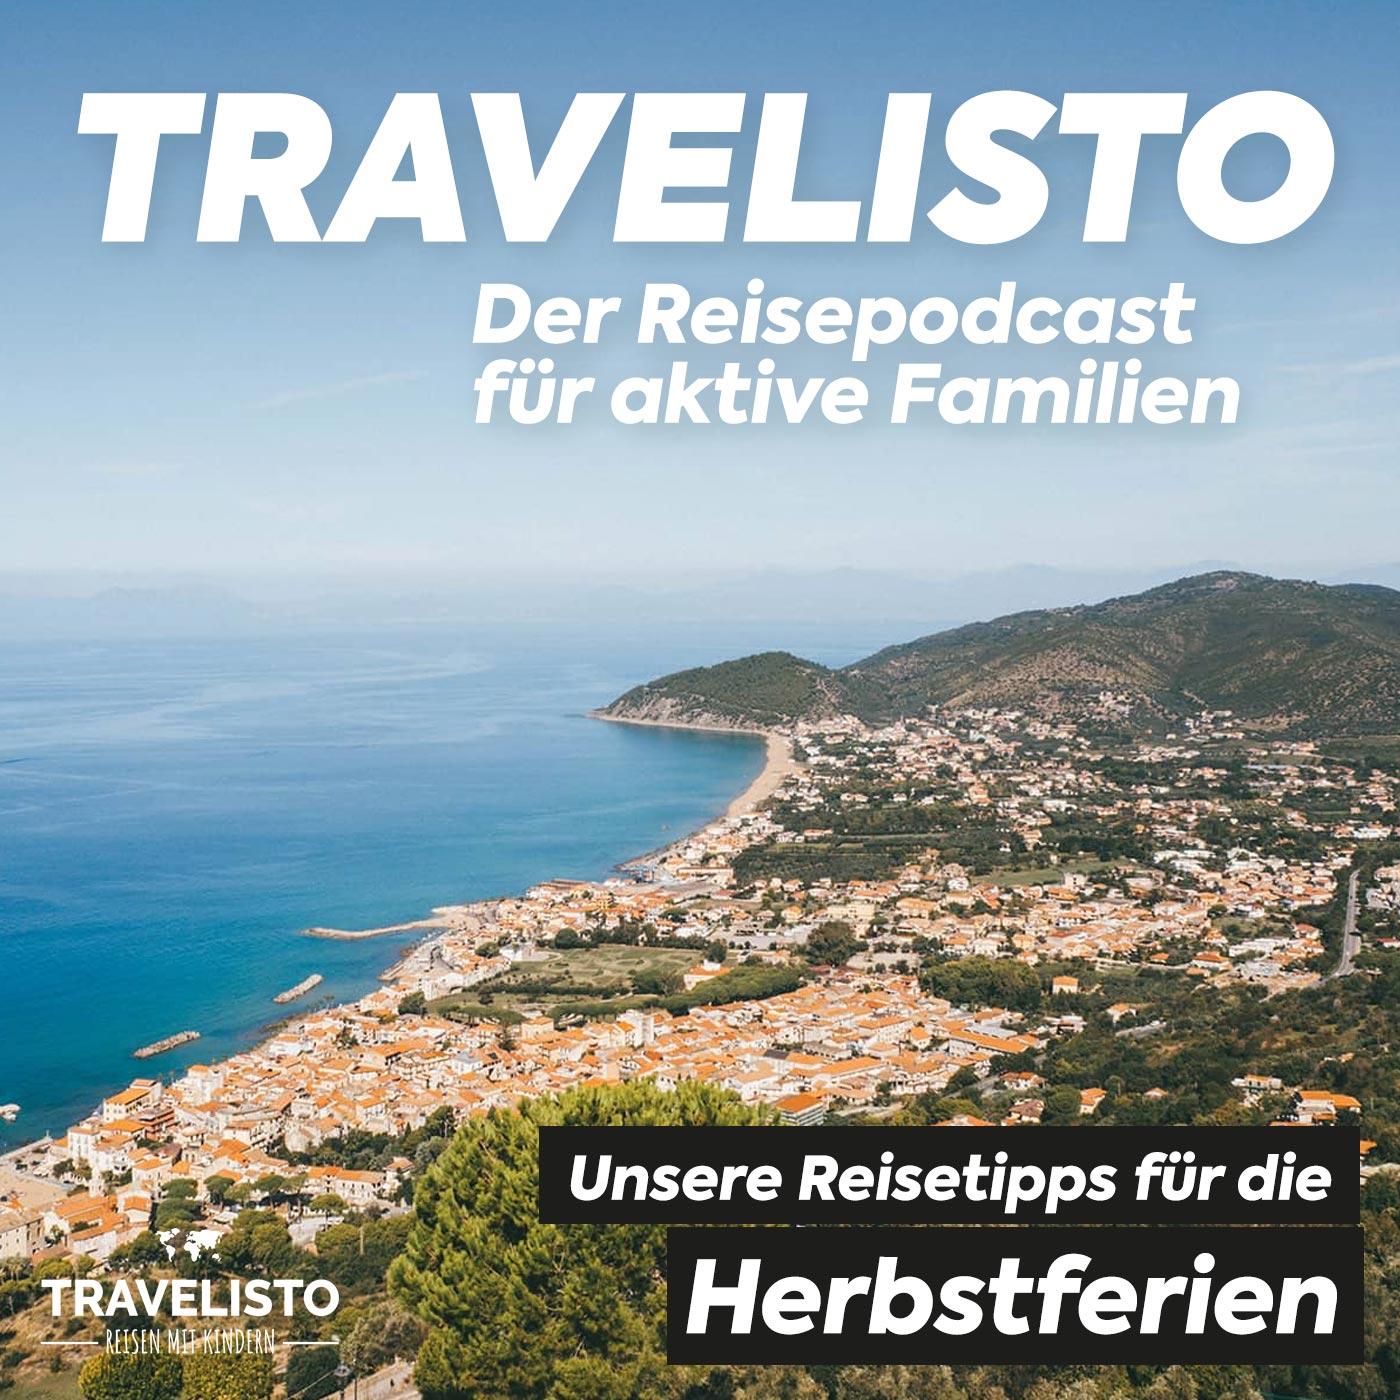 Den Sommer verlängern: Reisetipps für die Herbstferien